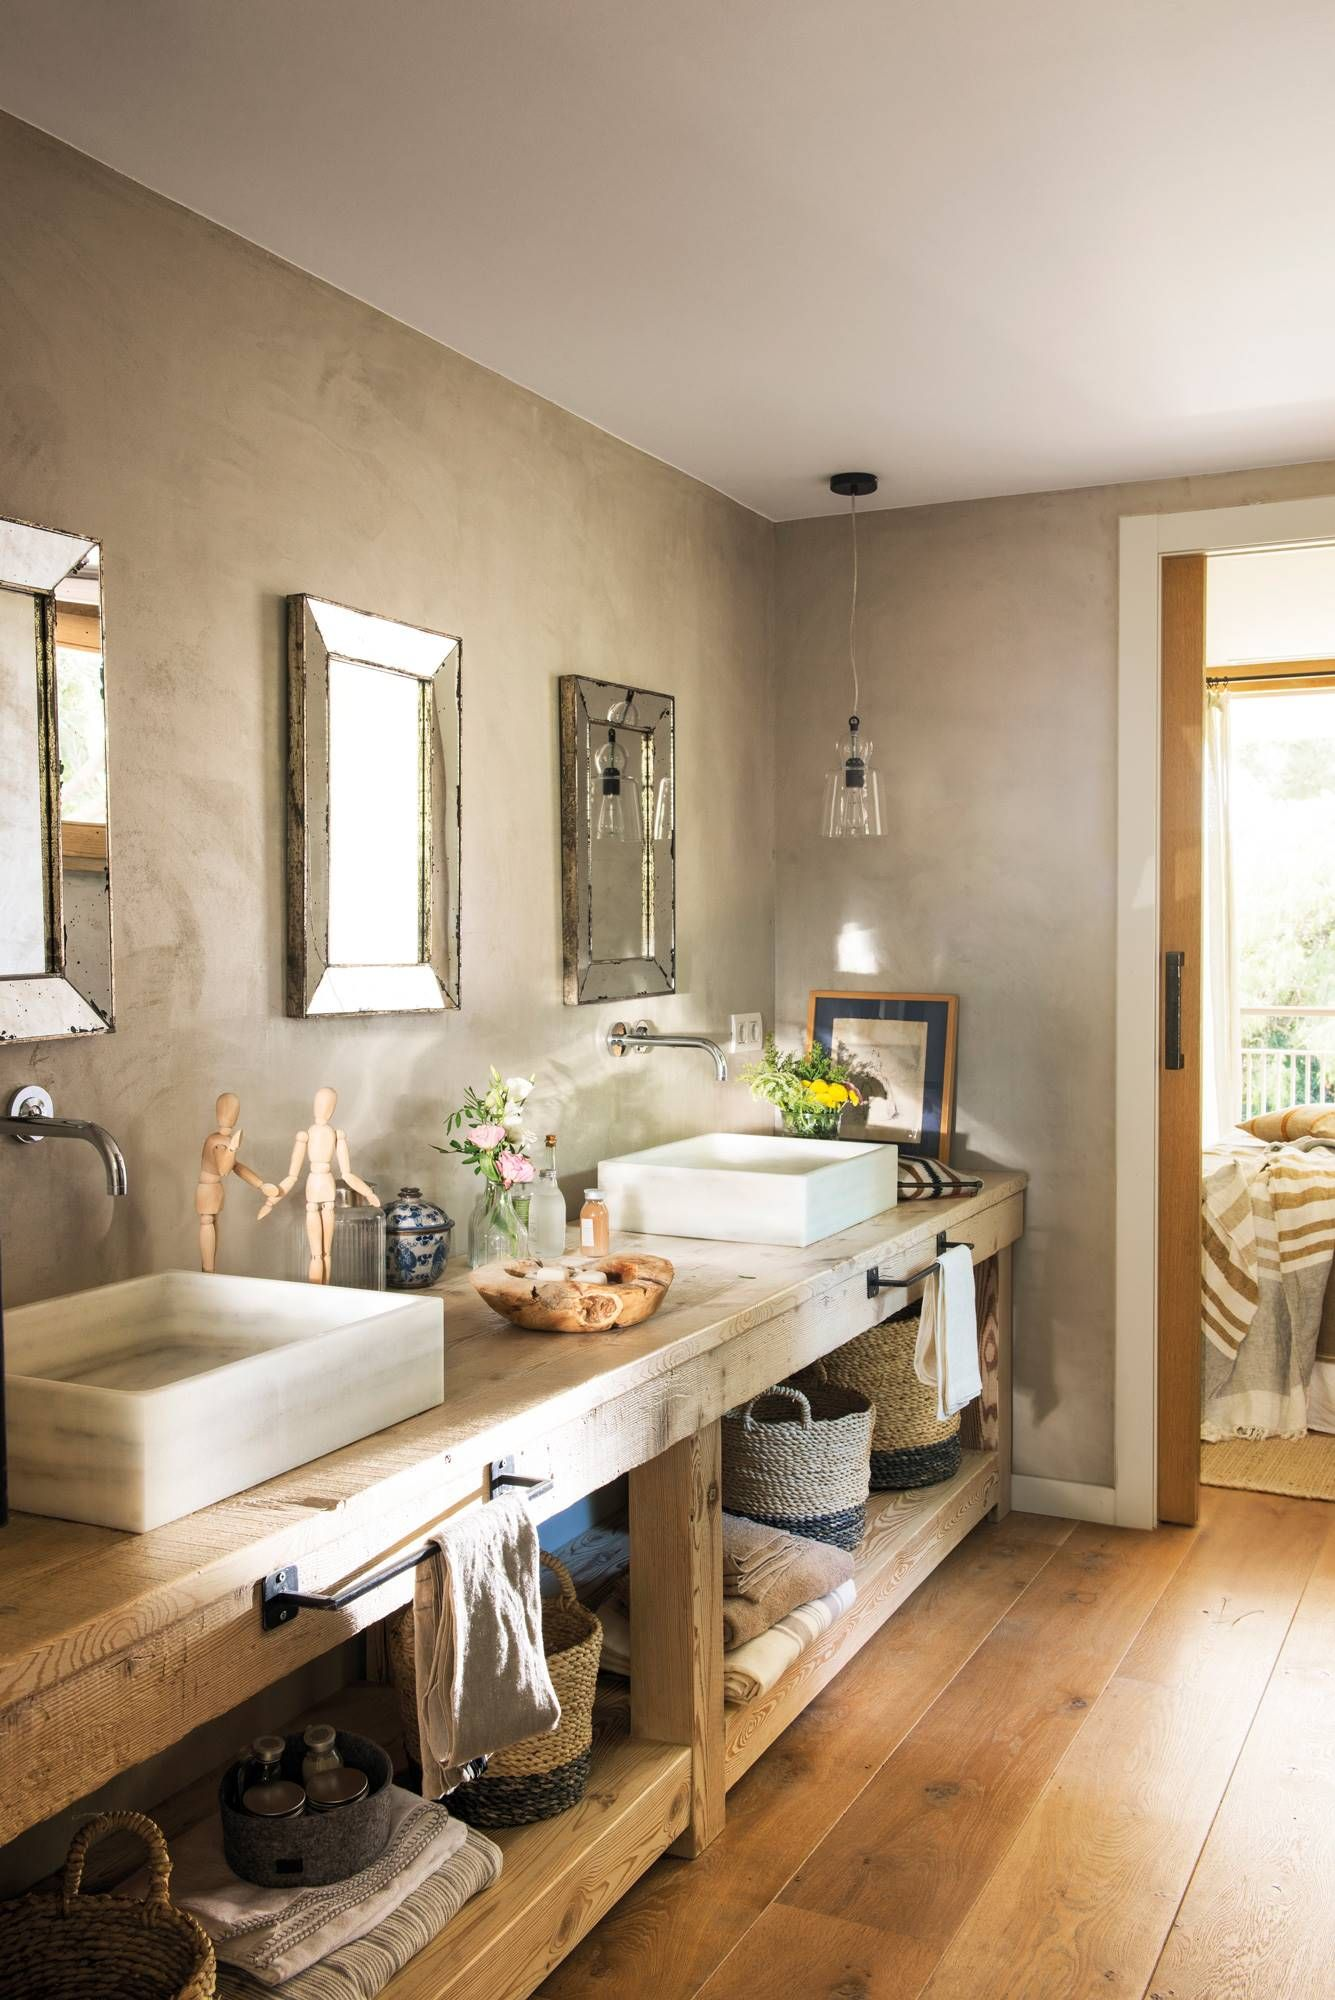 ¿Qué suelo es mejor para el baño y cuánto cuesta? | Baño ...